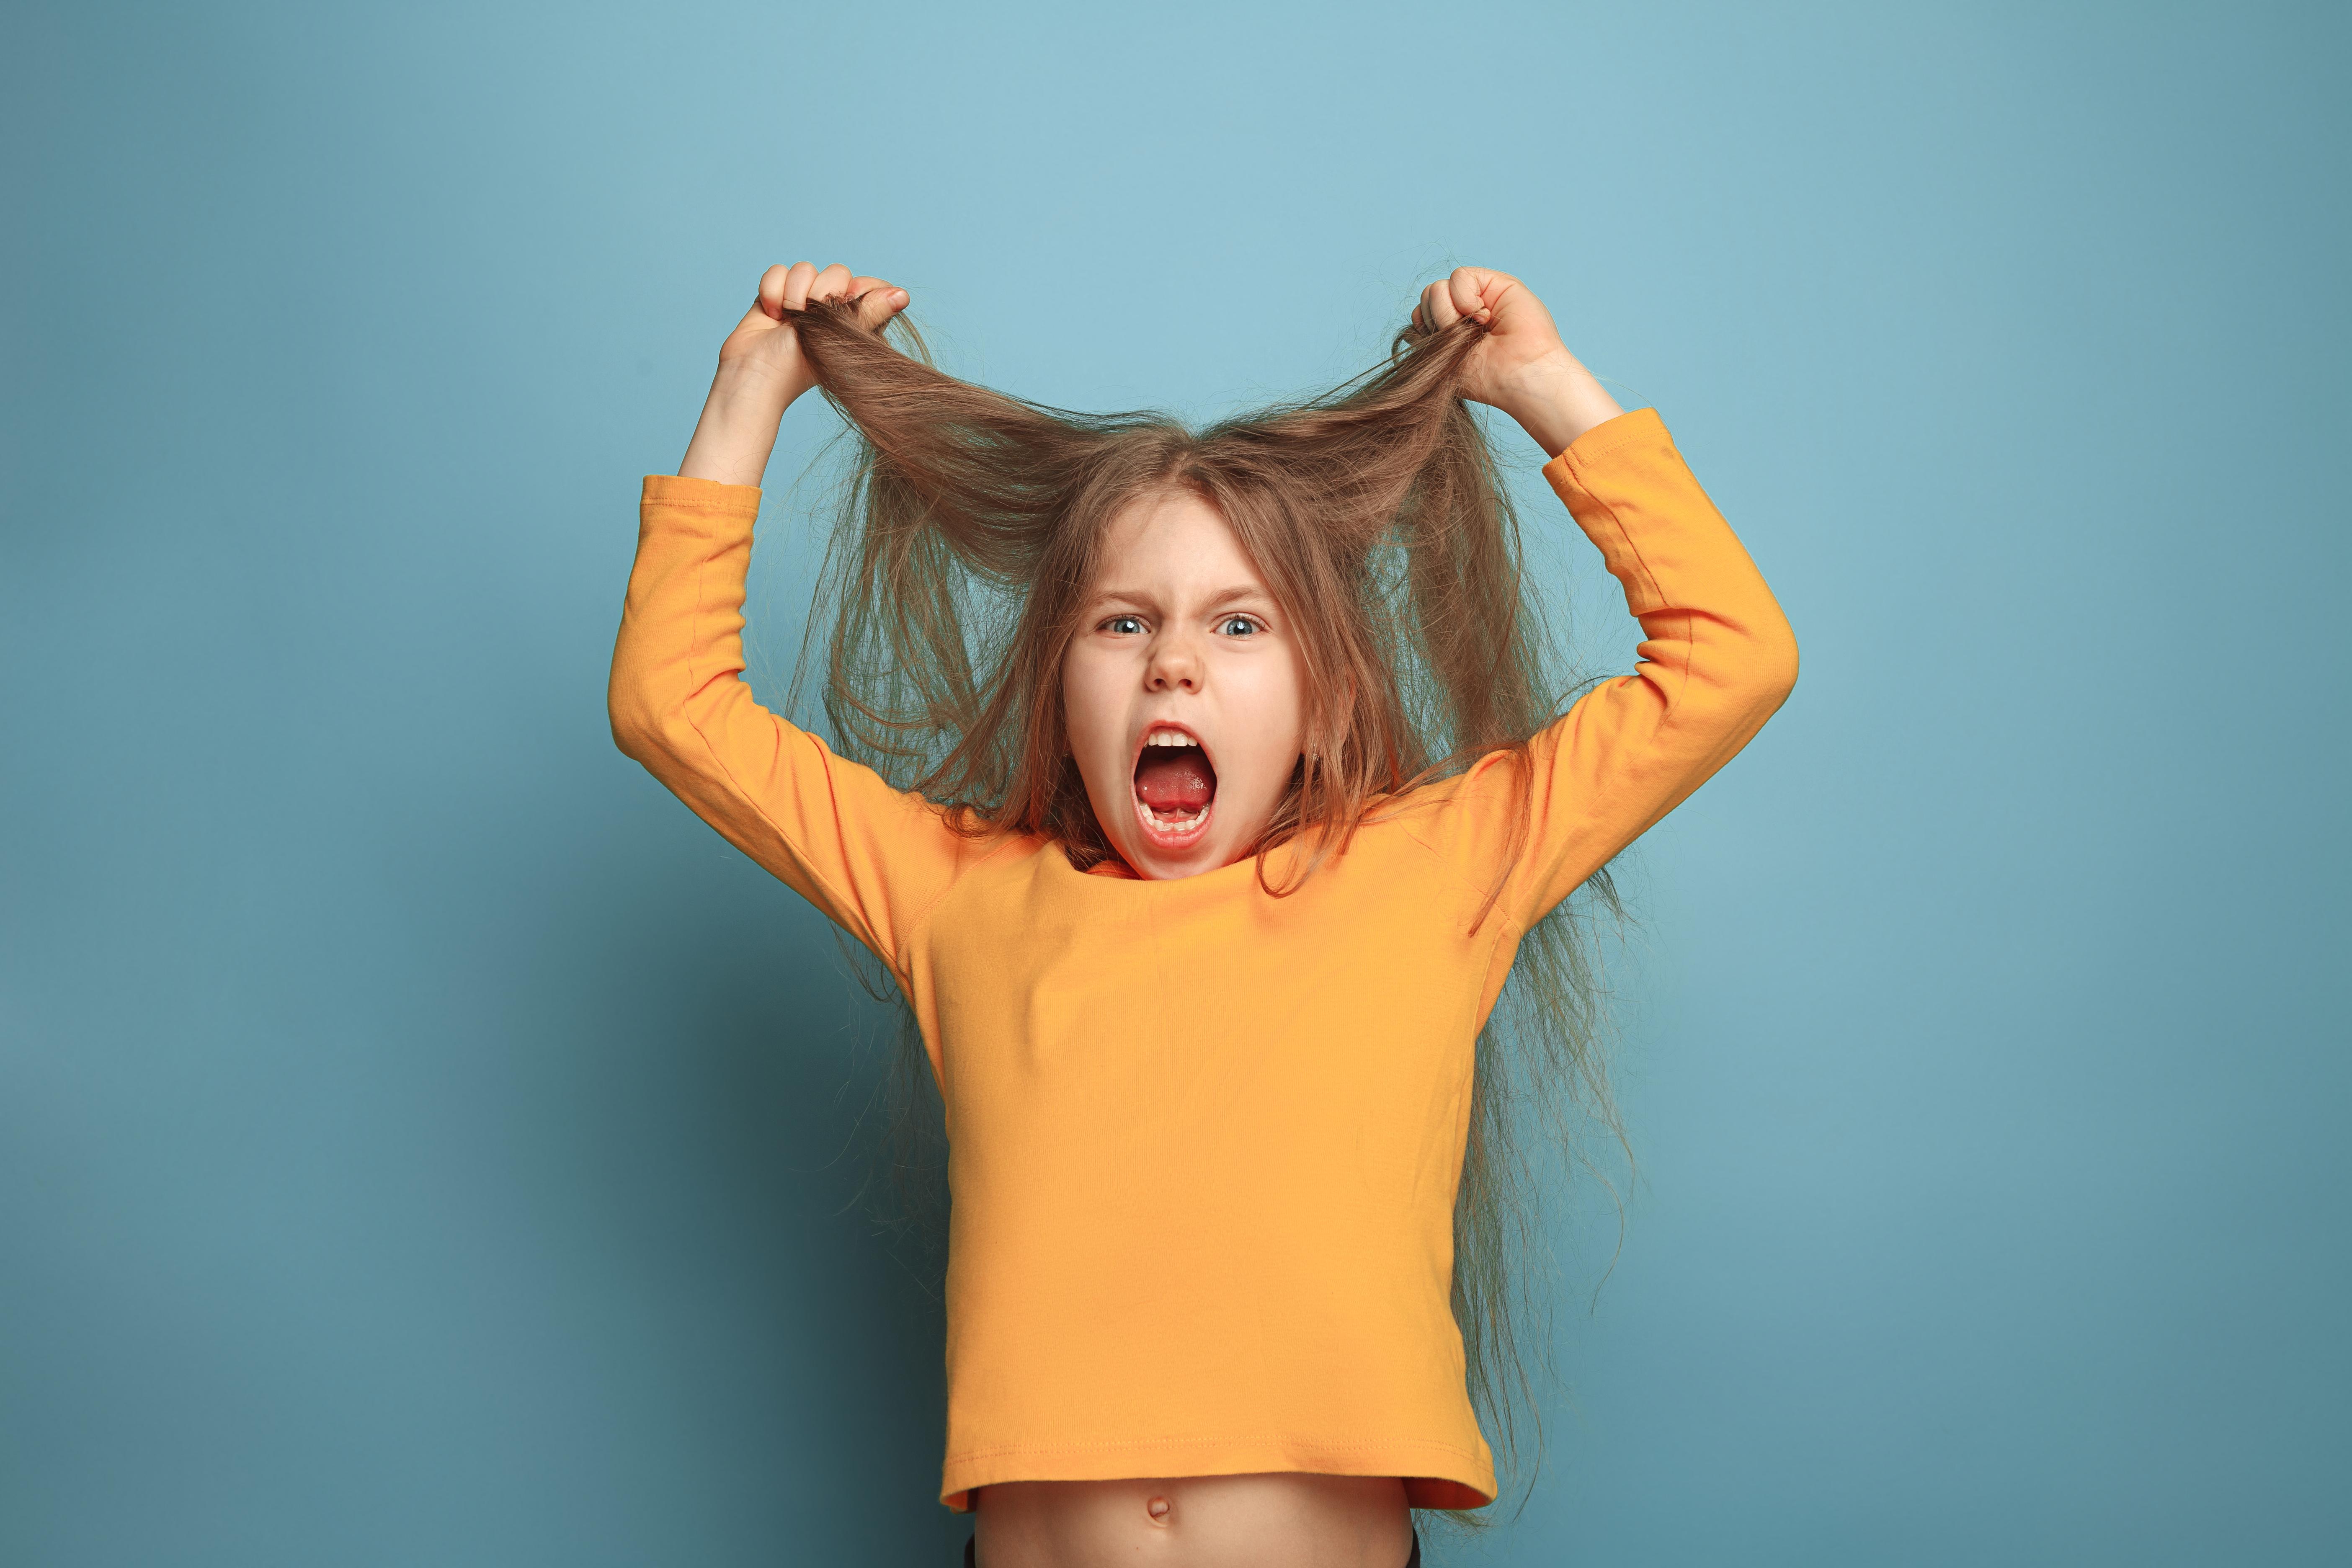 Як розпізнати ознаки психічних розладів у дітей